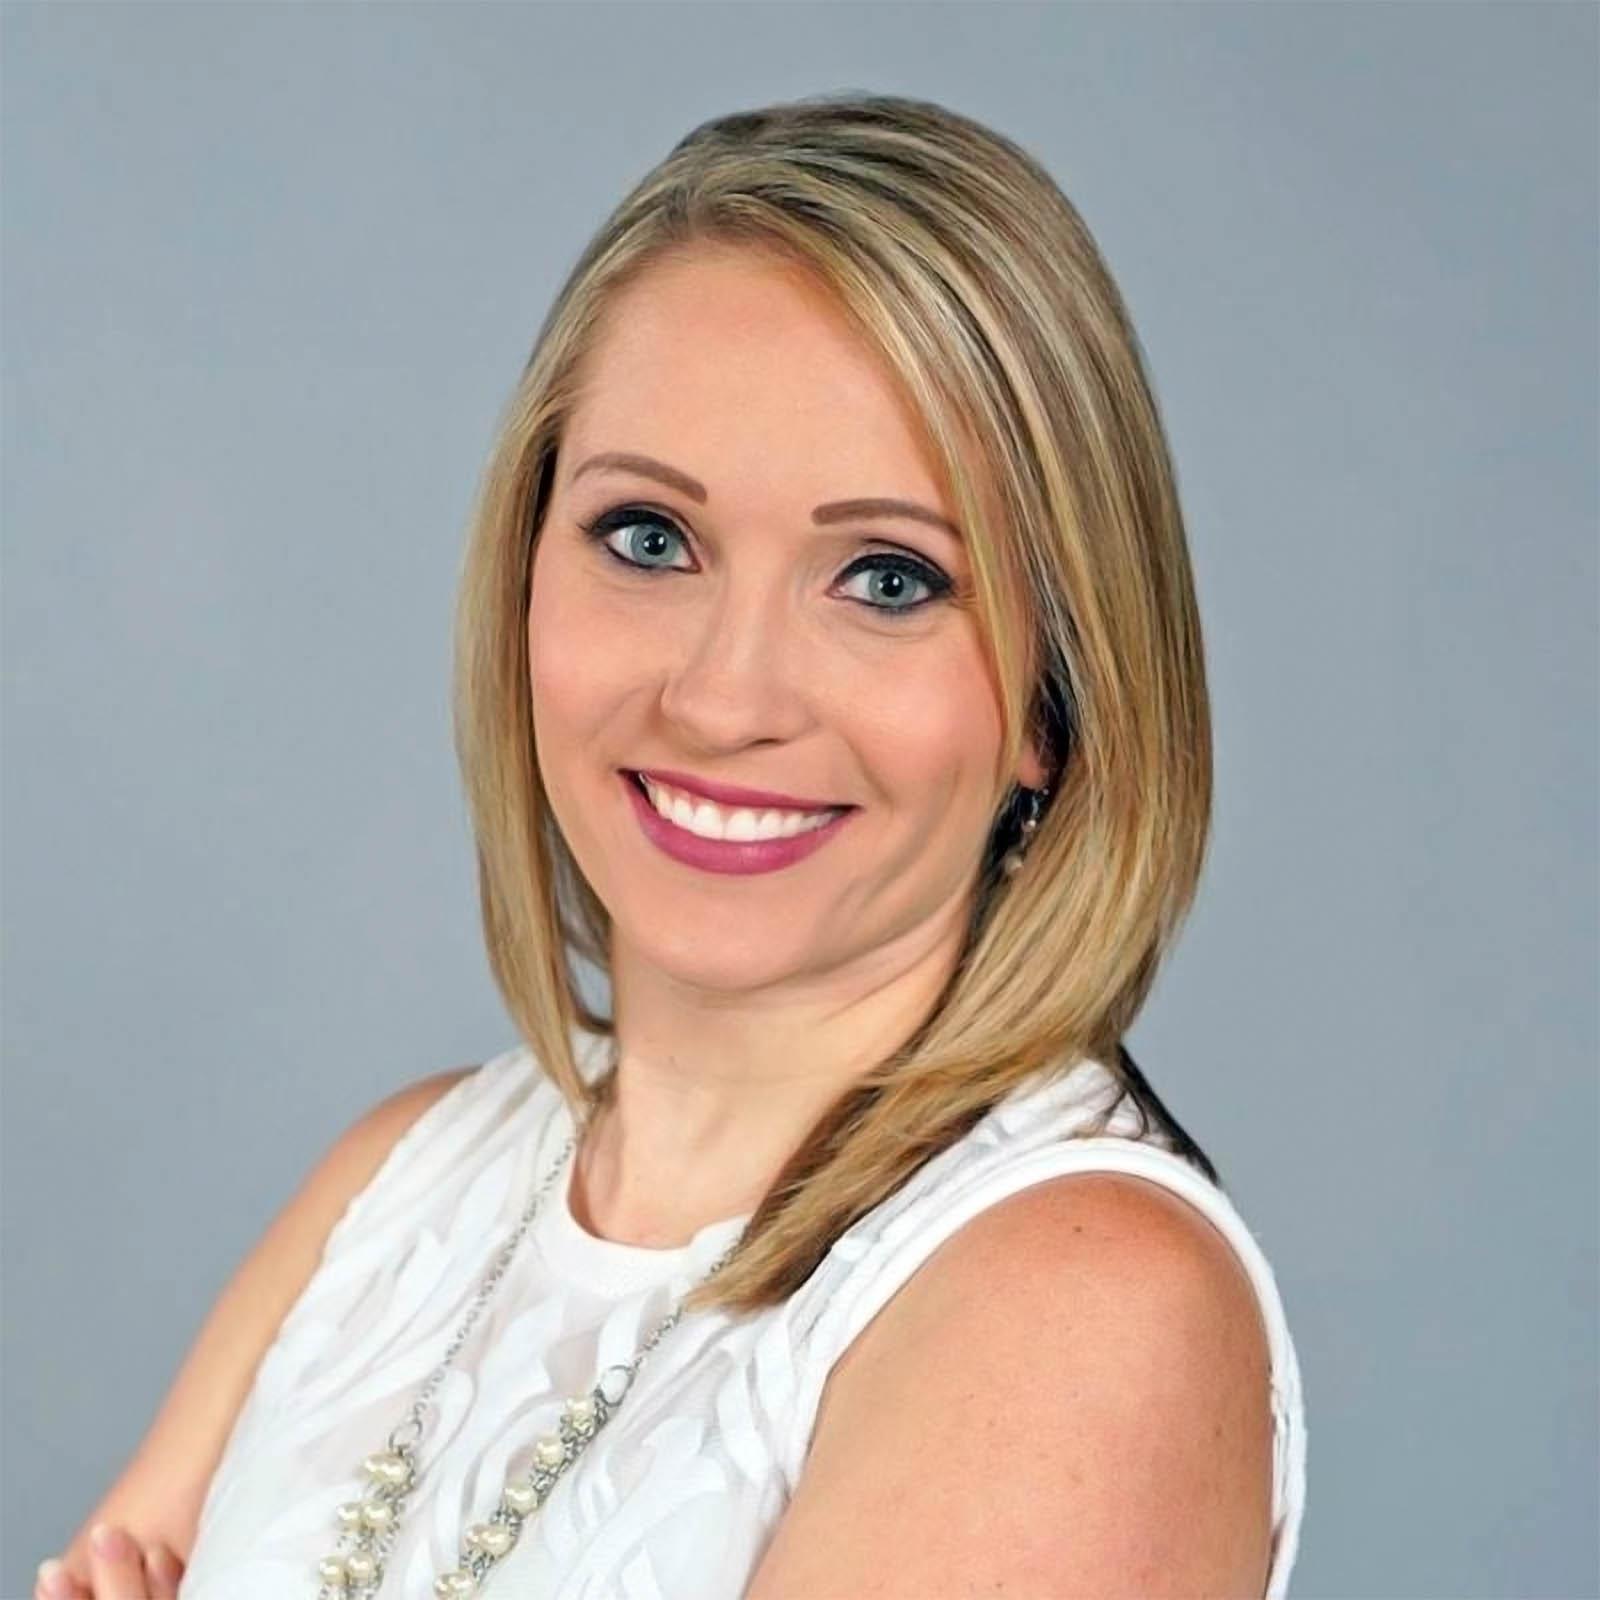 Heather Pollauf